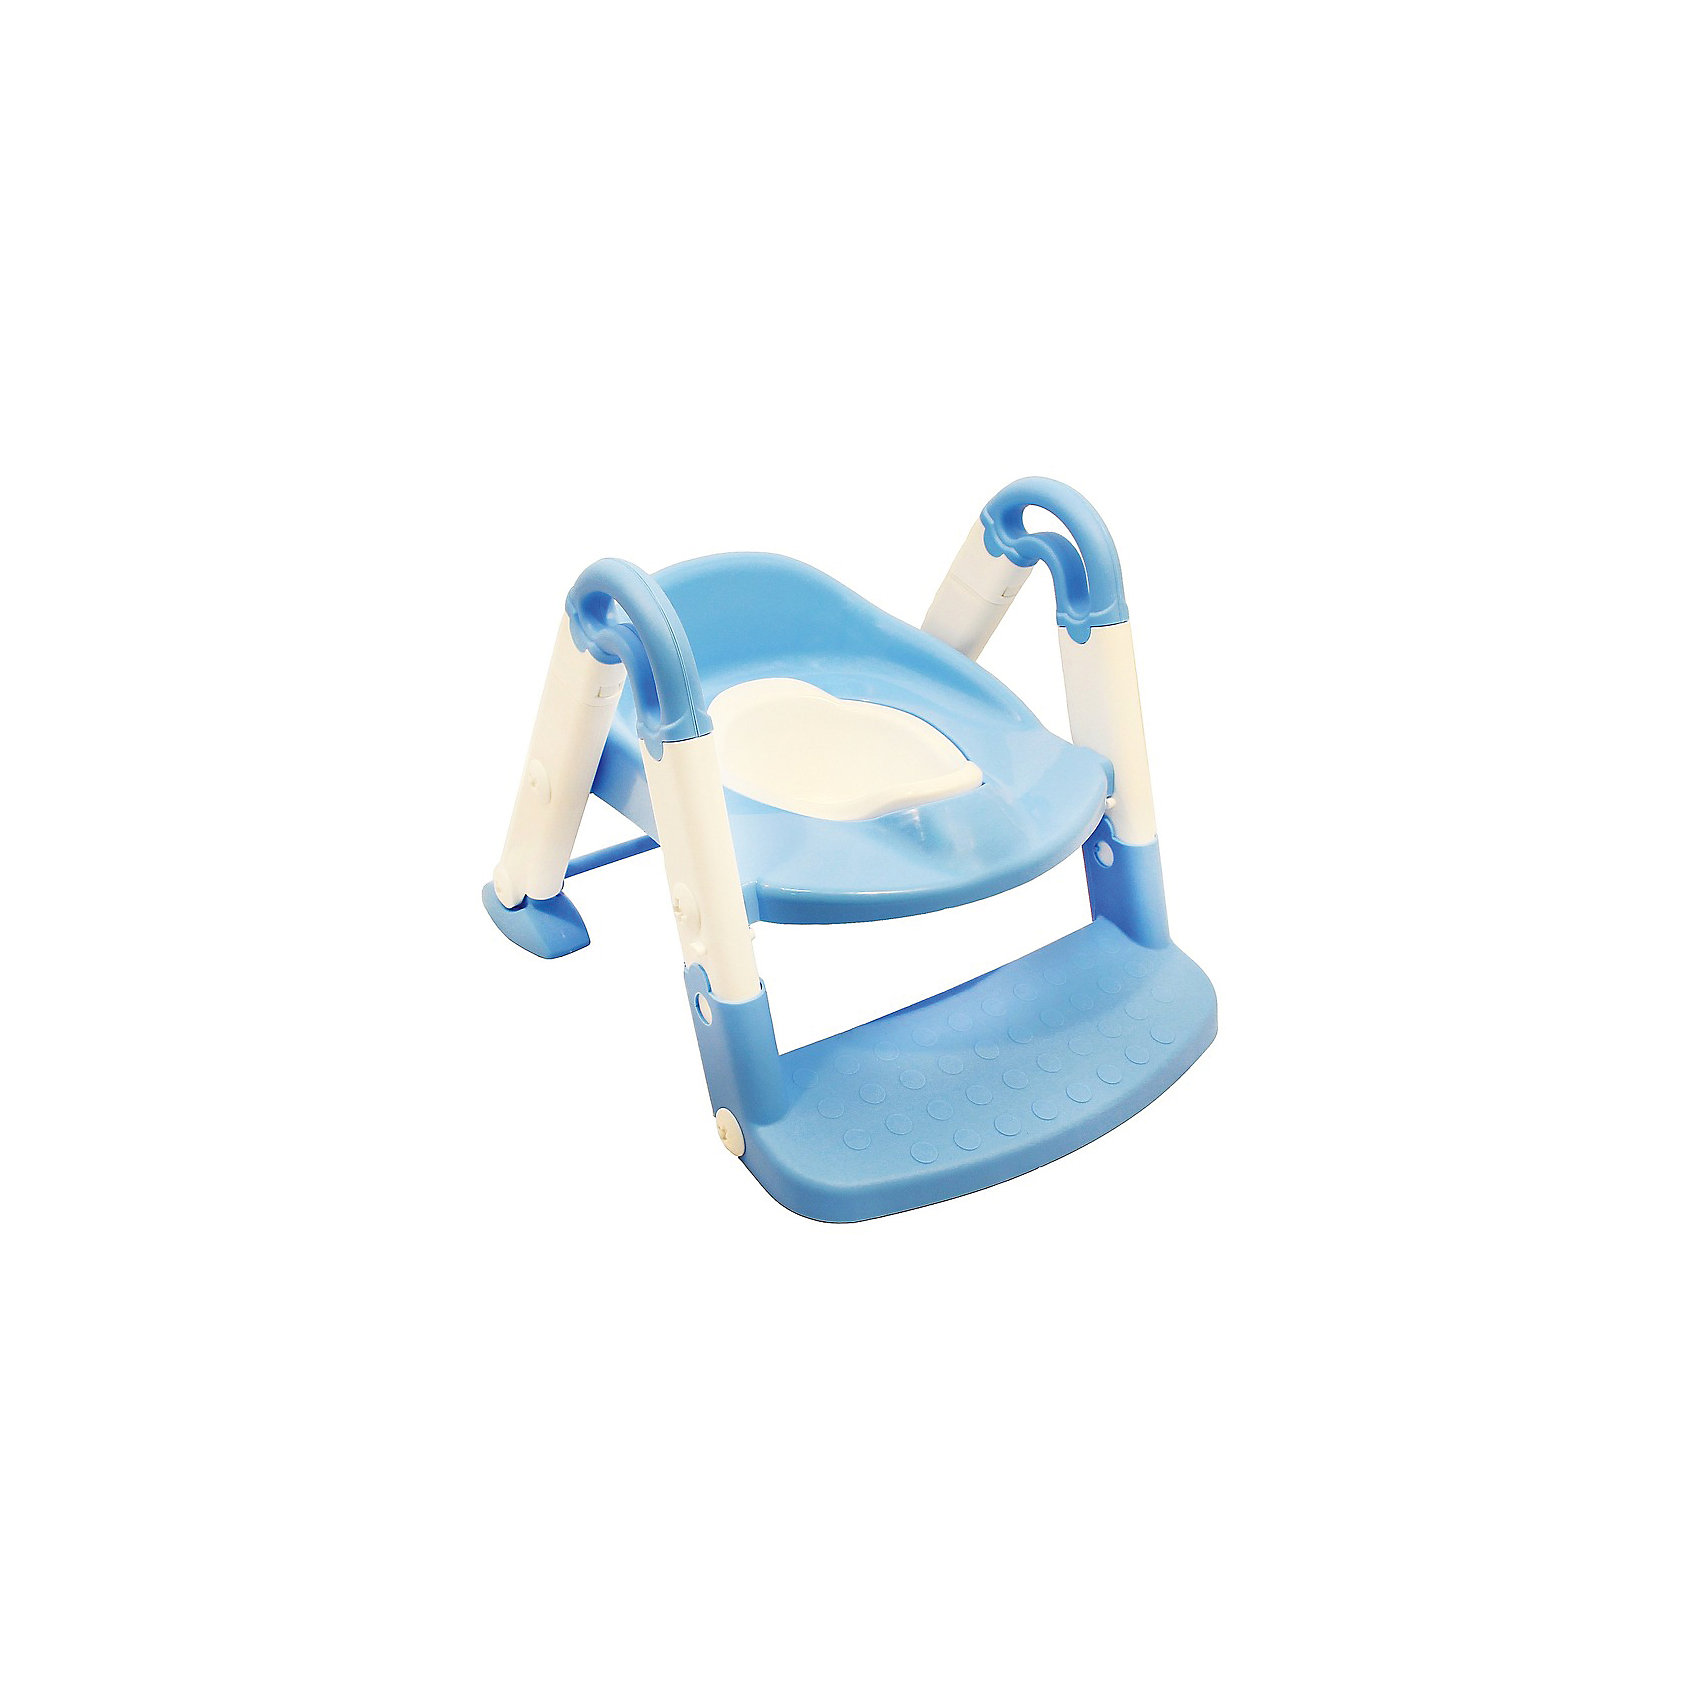 Горшок-трансформер, ROXY-KIDS, голубойГоршки, сиденья для унитаза, стульчики-подставки<br>Горшок-трансформер, ROXY-KIDS, голубой.<br><br>Характеристики:<br><br>• Для детей в возрасте: от 2 до 5 лет<br>• Максимальный вес ребенка: 25 кг.<br>• Размер горшка в собранном виде: 51 х 38 х 36 см.<br>• Размер насадки для унитаза со ступенькой: 51 х 38 х 68 см.<br>• Размер сиденья-адаптера для унитаза: 38 х 31 х 12 см.<br>• Размер внутренней части: 23 х 14,5 х 9 см.<br>• Материал: пластик<br>• Цвет: белый, голубой<br>• Размер упаковки: 39,5 х 34,8 х 17,5 см<br>•Вес: 1850 гр.<br><br>Горшок-трансформер, ROXY-KIDS сделает быстрым и комфортным процесс приучения ребенка к горшку и переход от горшка к унитазу. Горшок-трансформер выполнен из яркого прочного пластика. Внутренняя часть вынимается и моется отдельно. Горшок легко транформируется в насадку на унитаз с лесенкой. Насадка позволяет приучить ребенка с ранних лет пользоваться взрослым унитазом, она имеет ступеньку с противоскользящим покрытием и удобные ручки, которые помогают ребенку слезть и залезть. Ножки насадки с надежными антискользящими прокладками обеспечат дополнительную безопасность и устойчивость. Когда ребенок подрос и ему не нужна лесенка, чтобы забираться на унитаз, ее можно открепить и использовать изделие в качестве обычного адаптера на стульчак унитаза. Изделие компактно и подойдет для небольшого помещения, оно легко собирается и разбирается для транспортировки. Горшок-трансформер, ROXY-KIDS - это эргономичный горшок, насадка на унитаз с антискользящей ступенькой и сиденье-адаптер для любых моделей унитазов!<br><br>Горшок-трансформер, ROXY-KIDS, голубой можно купить в нашем интернет-магазине.<br><br>Ширина мм: 395<br>Глубина мм: 348<br>Высота мм: 175<br>Вес г: 1850<br>Возраст от месяцев: 24<br>Возраст до месяцев: 60<br>Пол: Унисекс<br>Возраст: Детский<br>SKU: 5578867